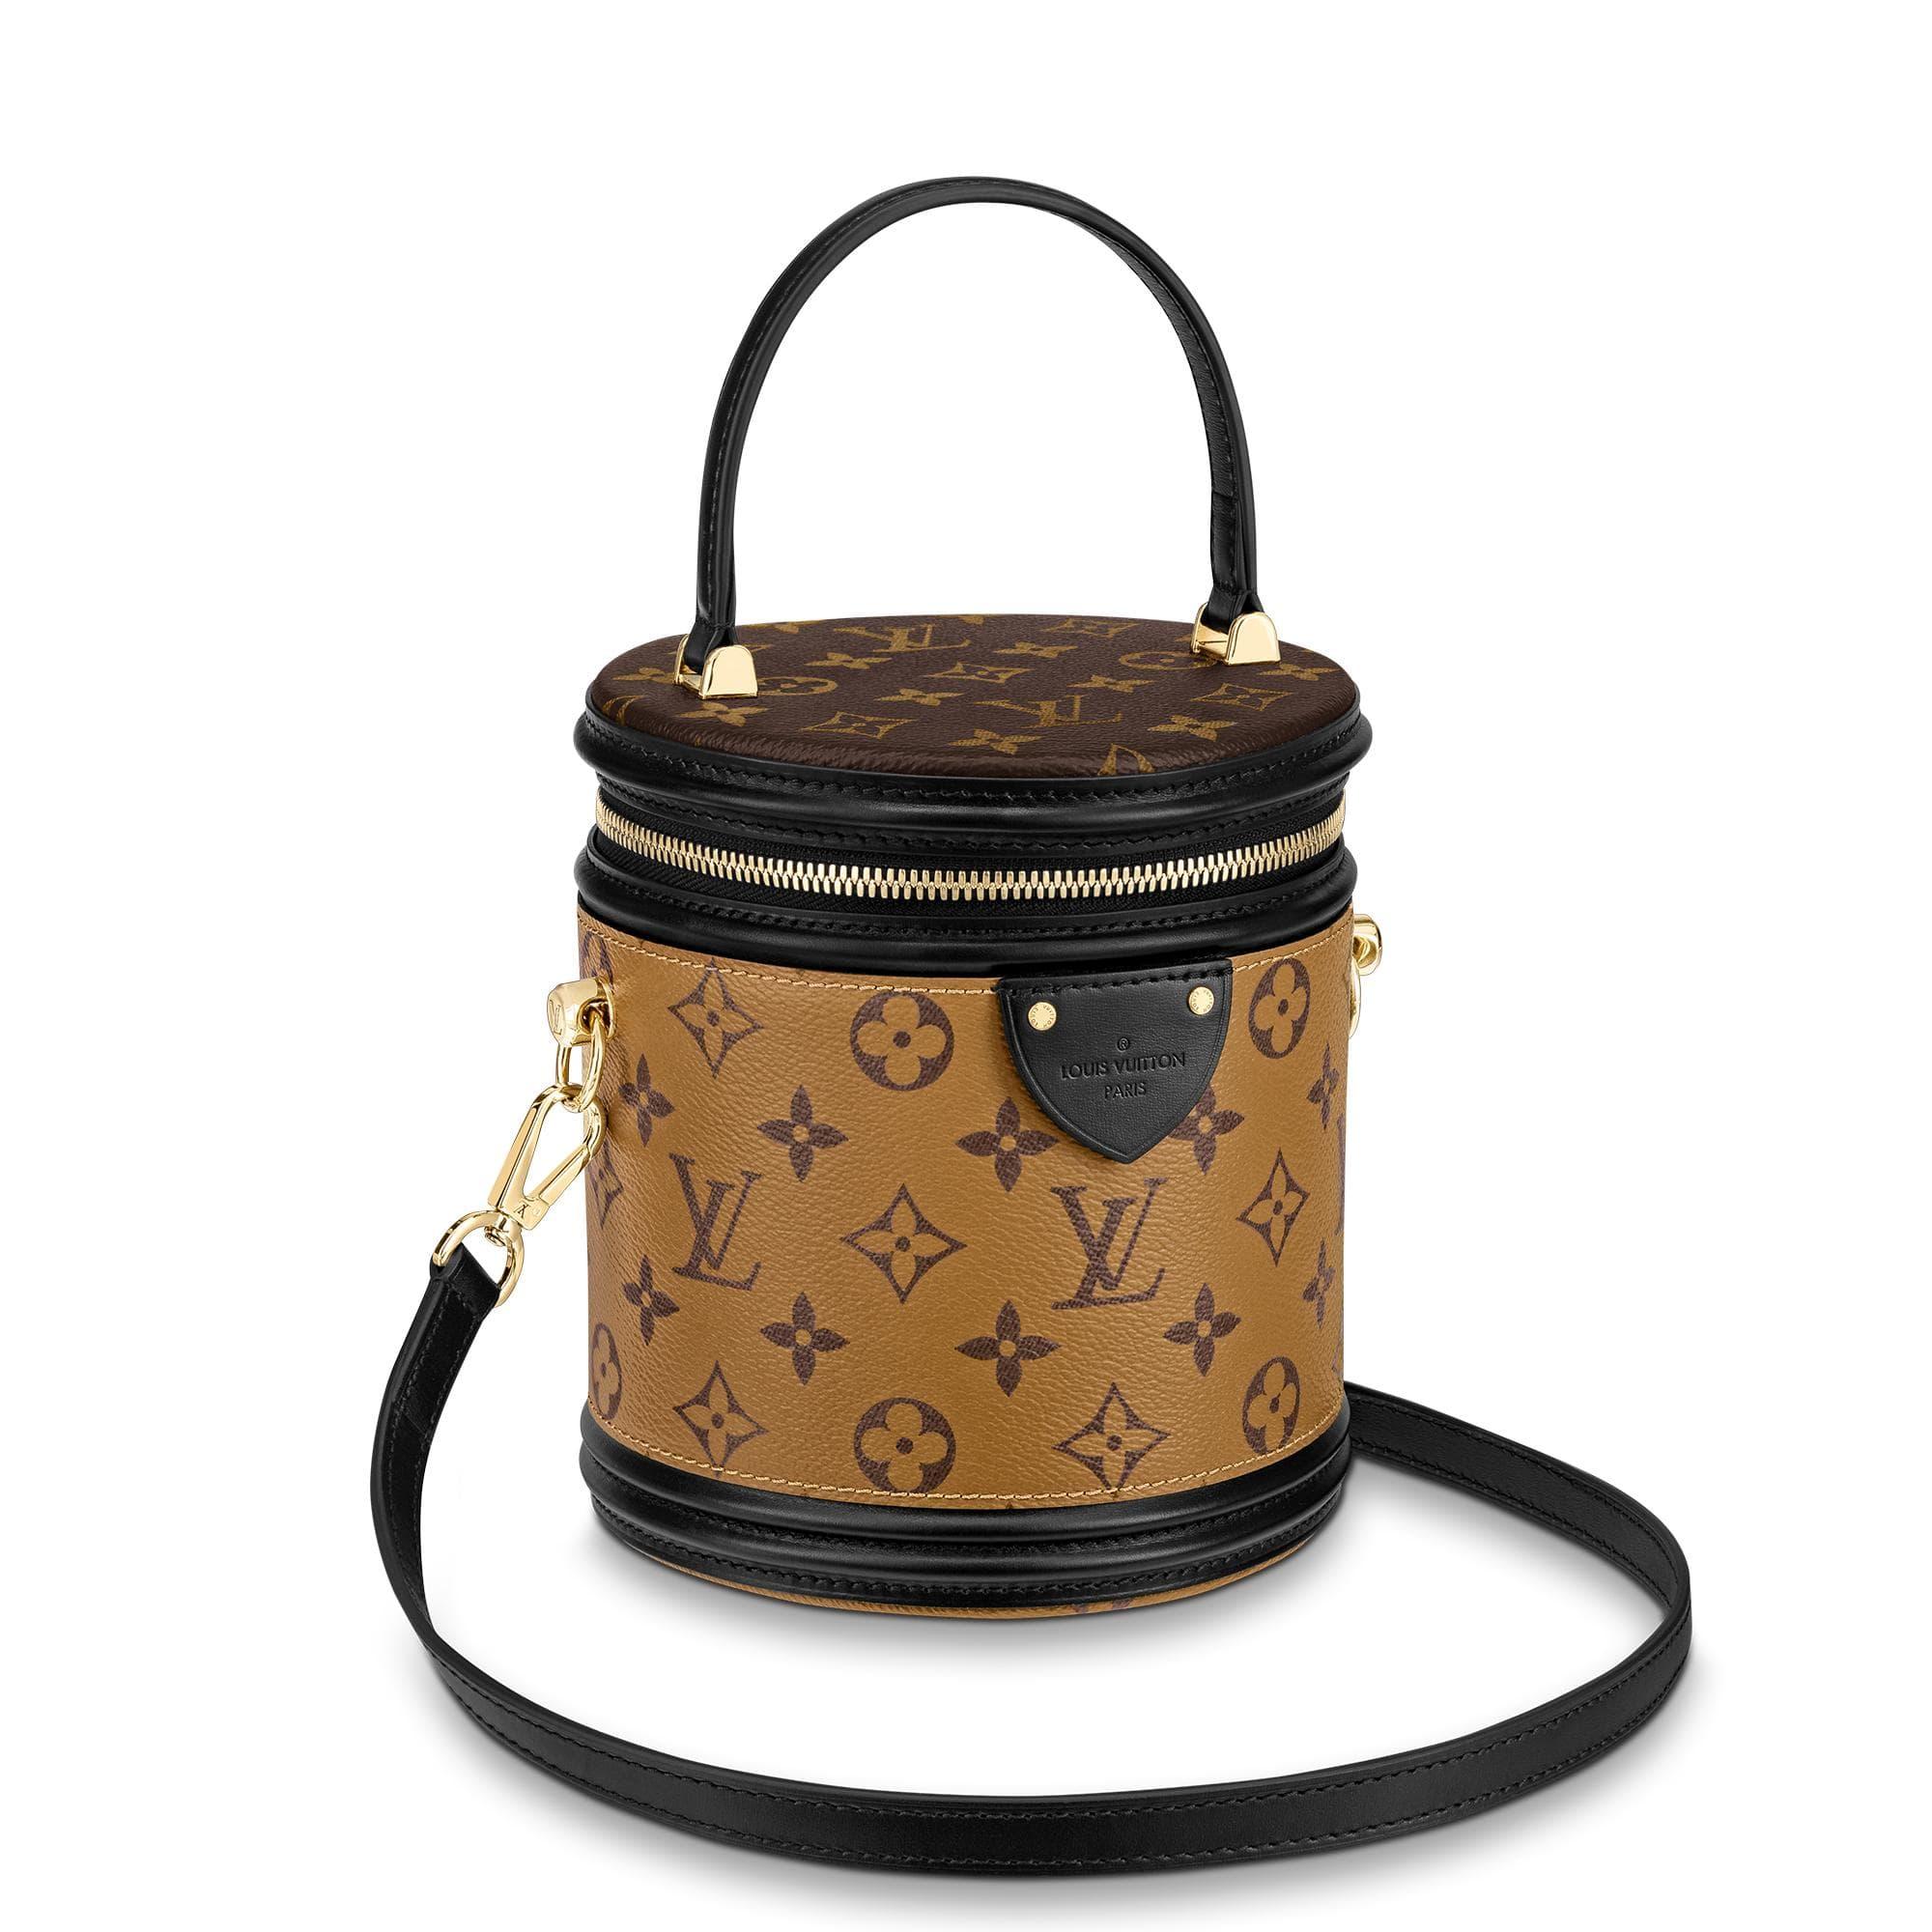 Louis Vuitton Beauty Case Cannes Reverse Monogram Brown